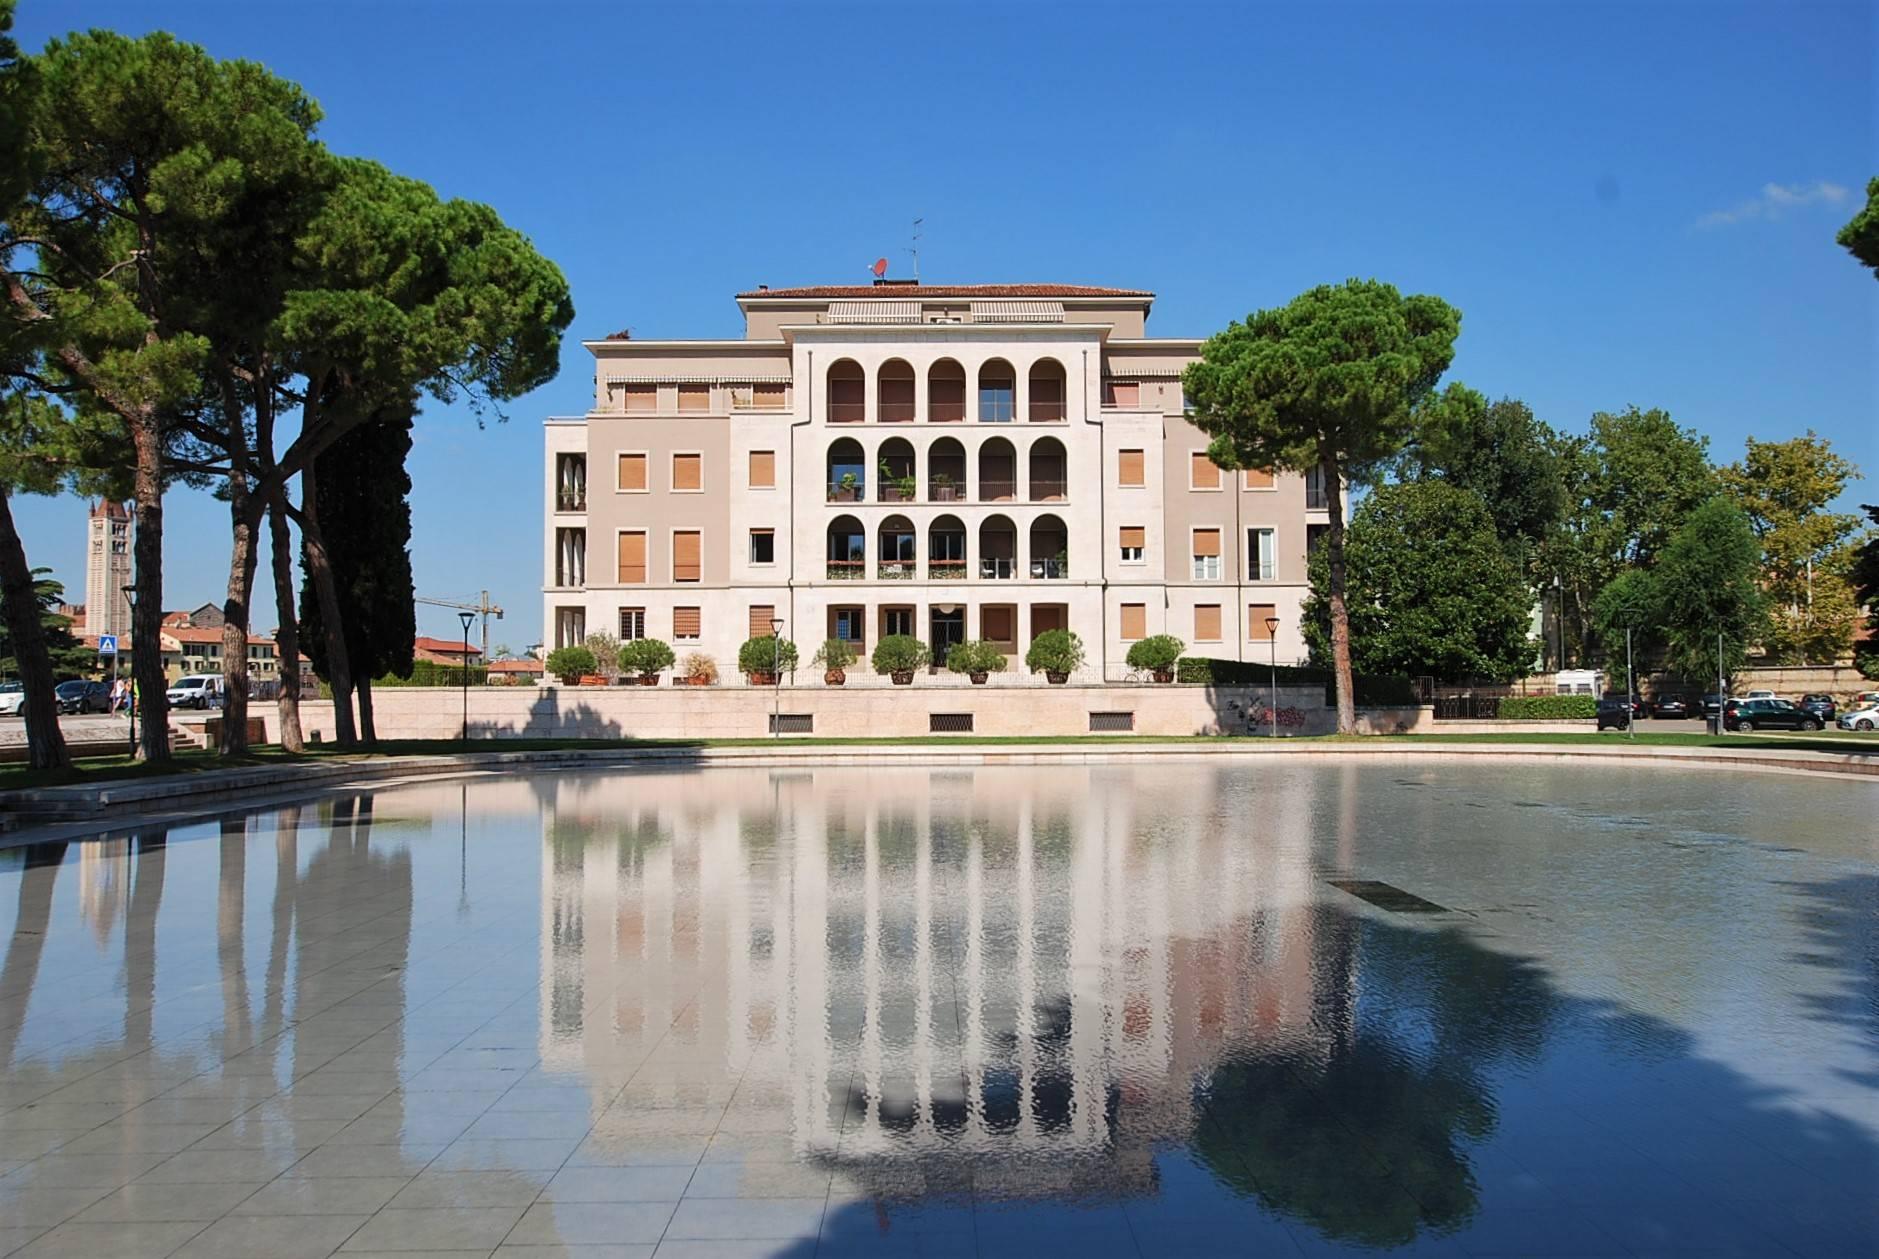 Appartamento in vendita a Verona, 8 locali, zona Località: BorgoTrento, prezzo € 900.000 | PortaleAgenzieImmobiliari.it